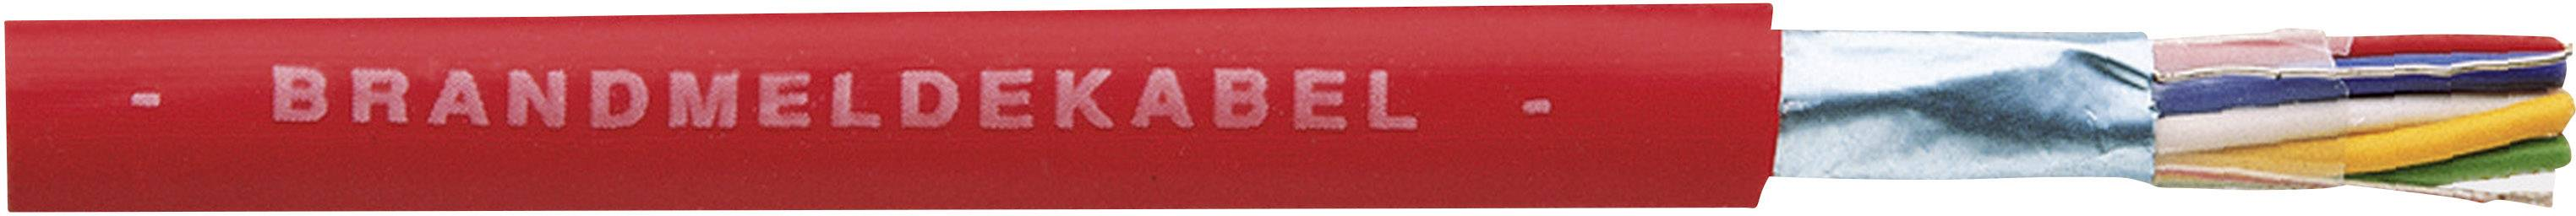 Signalizační kabel Faber Kabel (100057), stíněný, červená, 1 m